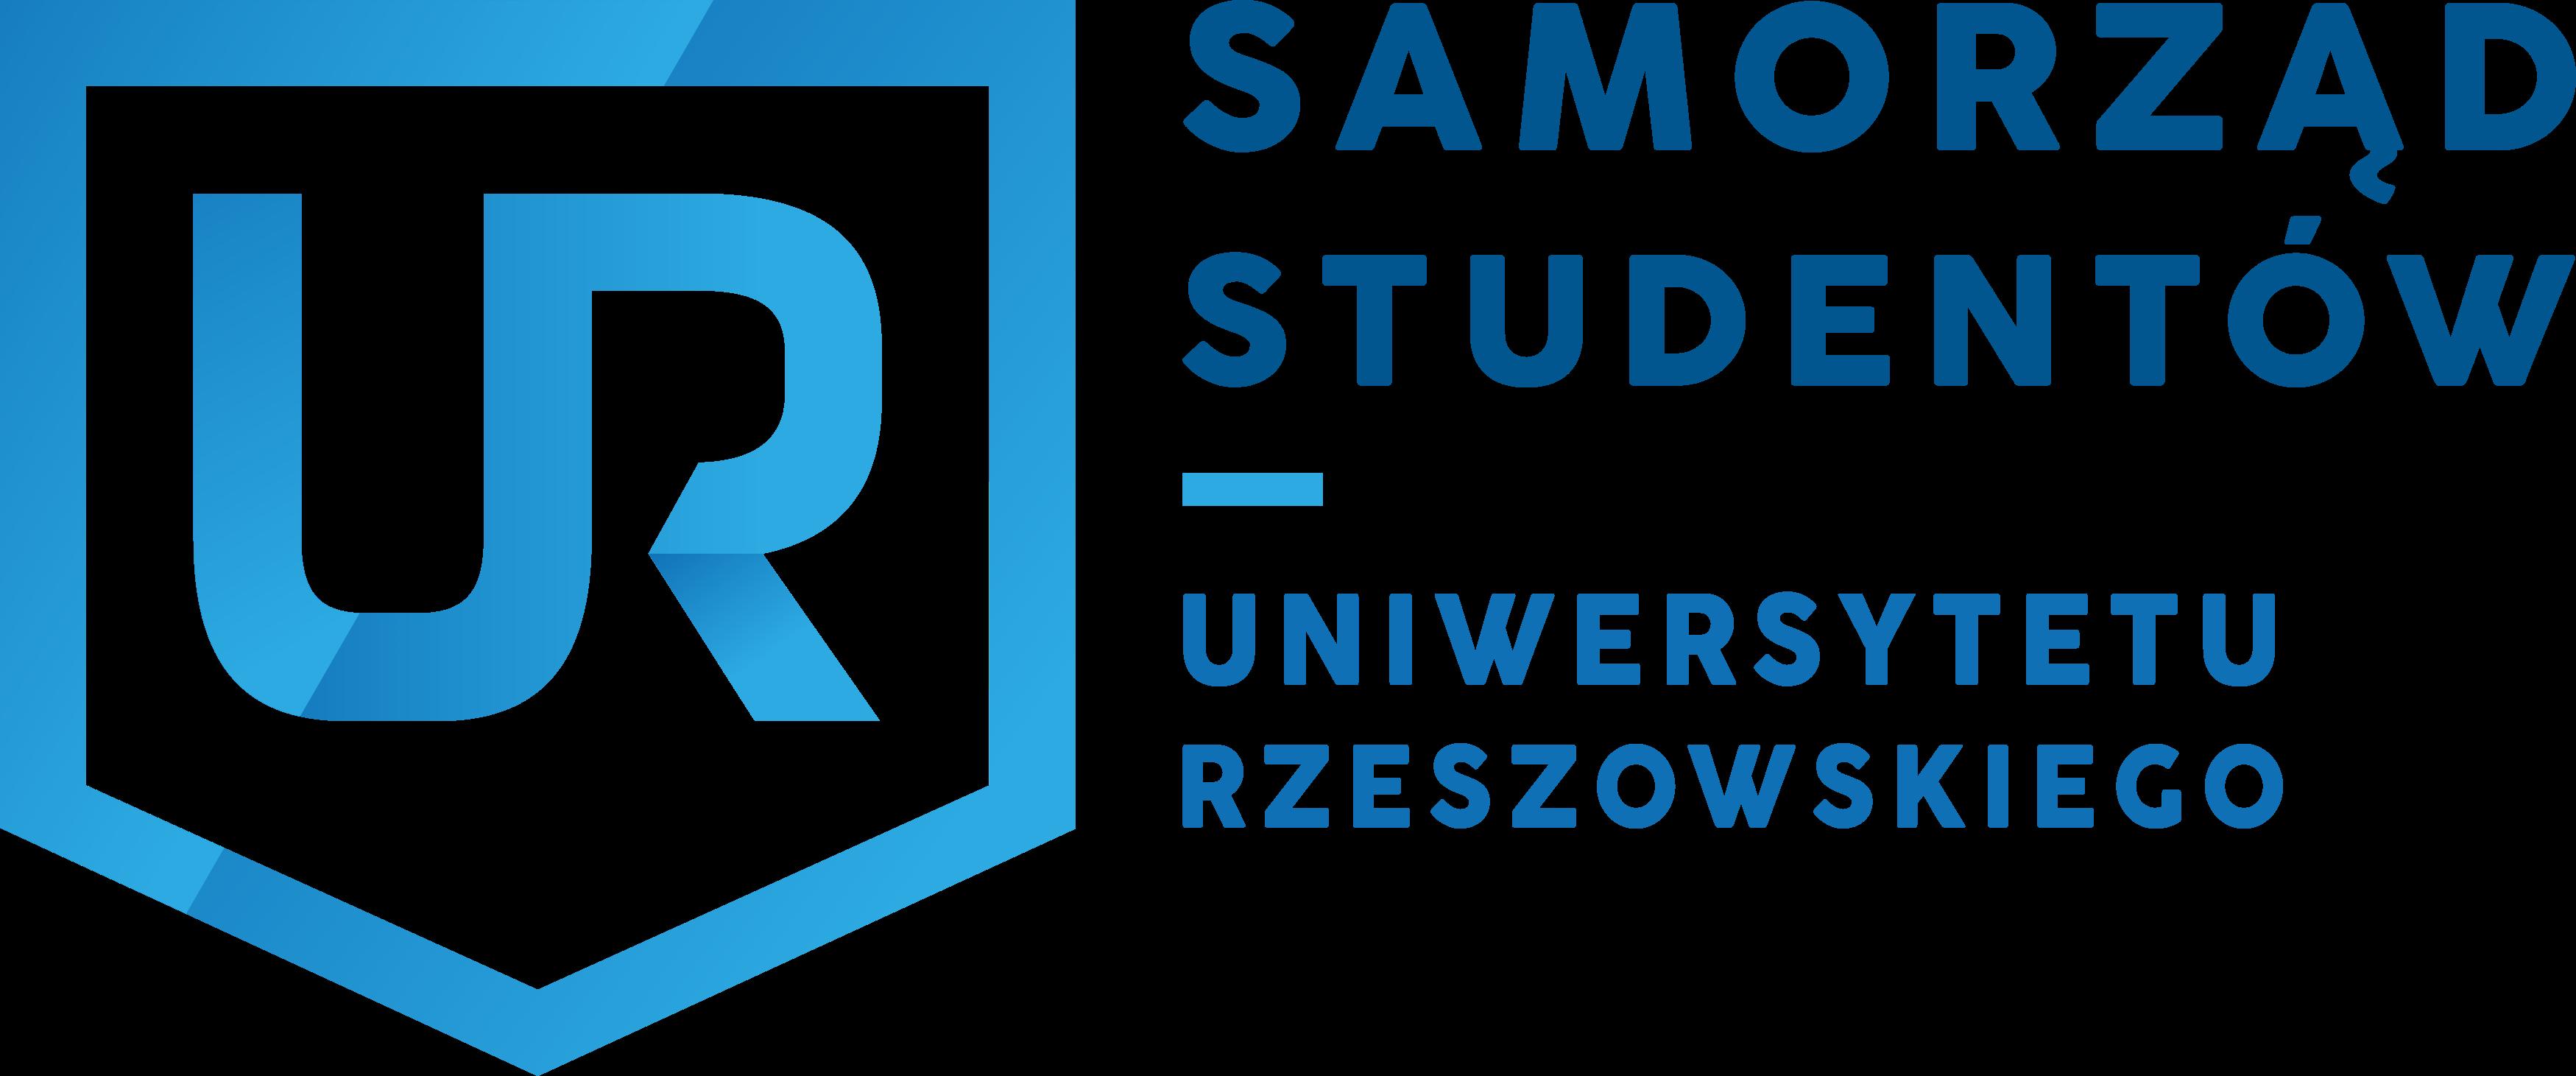 Samorząd Studentów UR